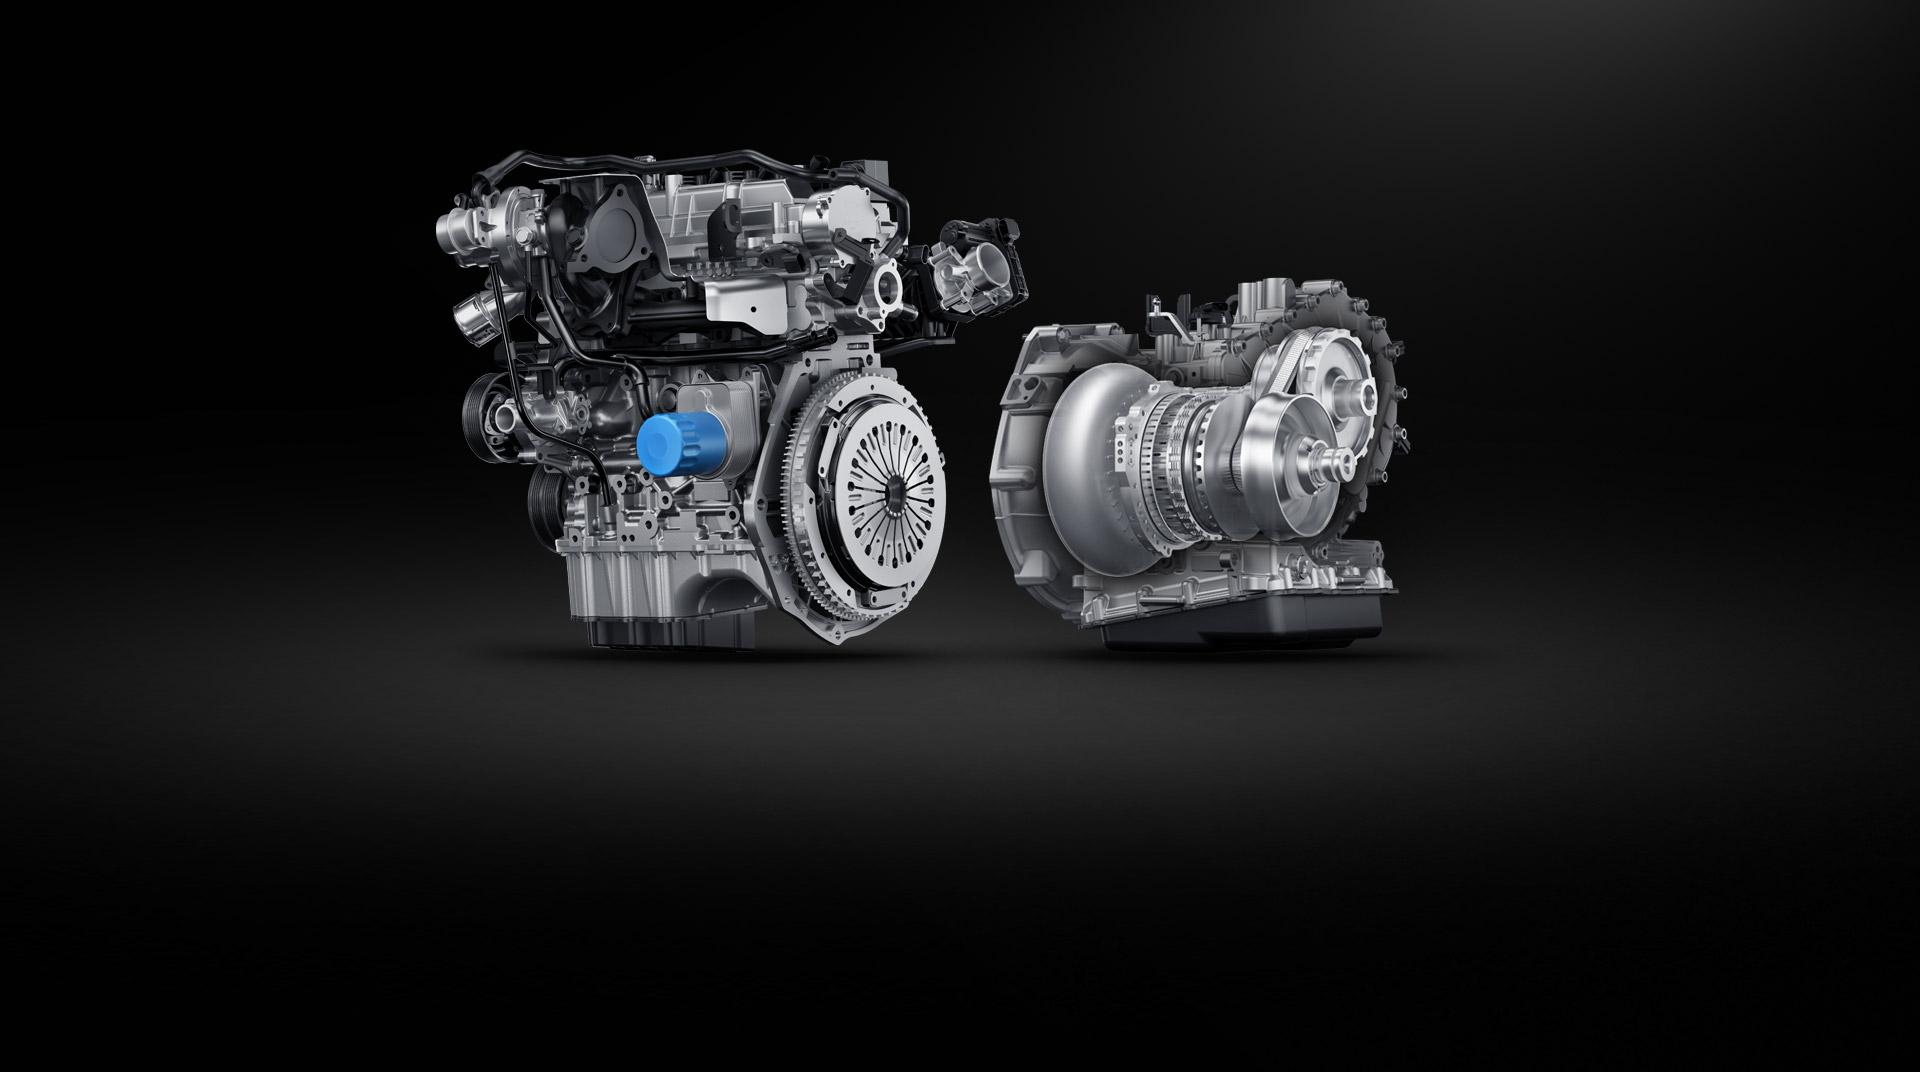 寶(bao)駿530,2020款,發(fa)動機,油耗